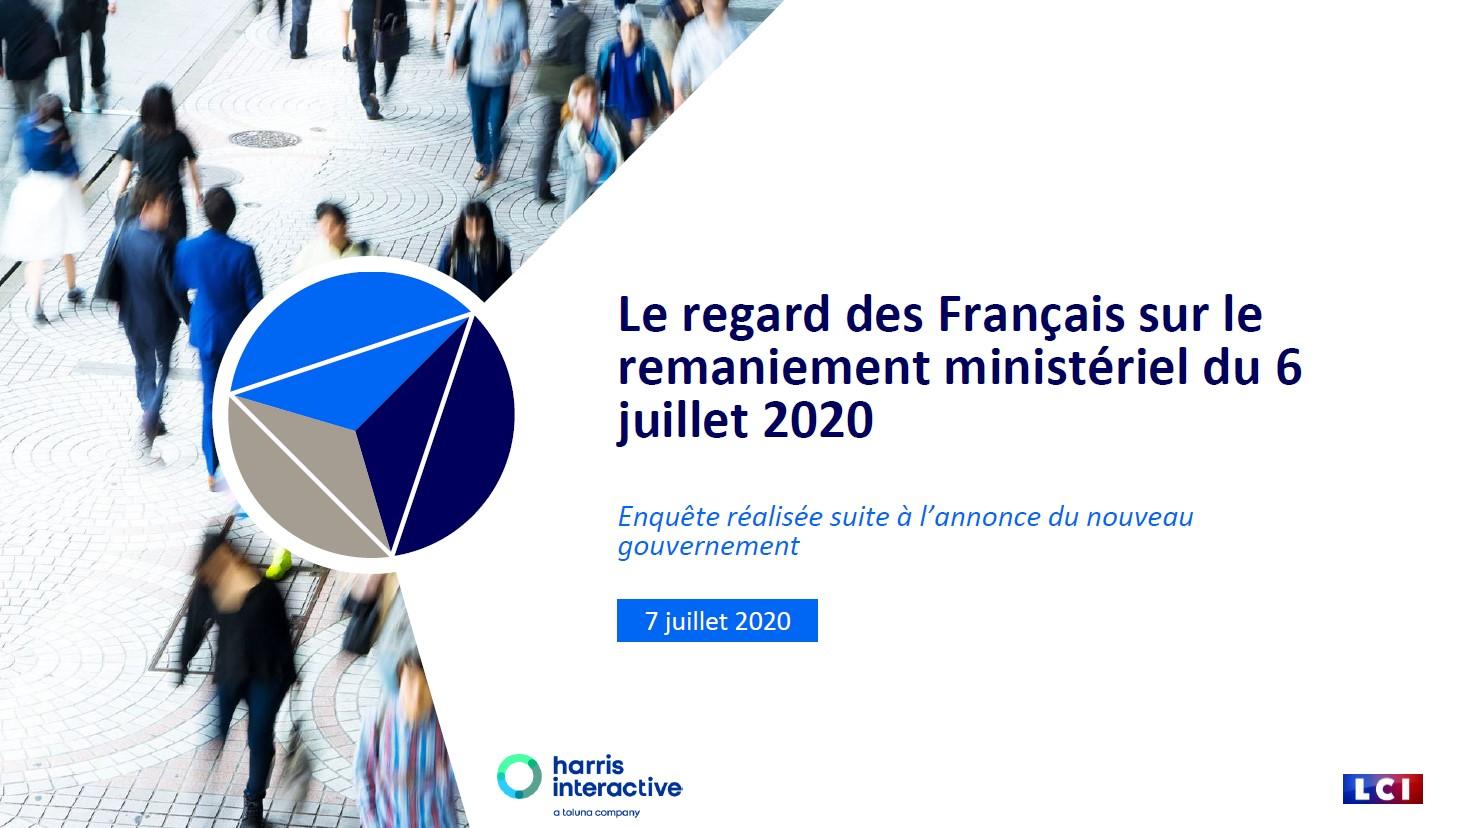 Le regard des Français sur le remaniement ministériel du 6 juillet 2020 image